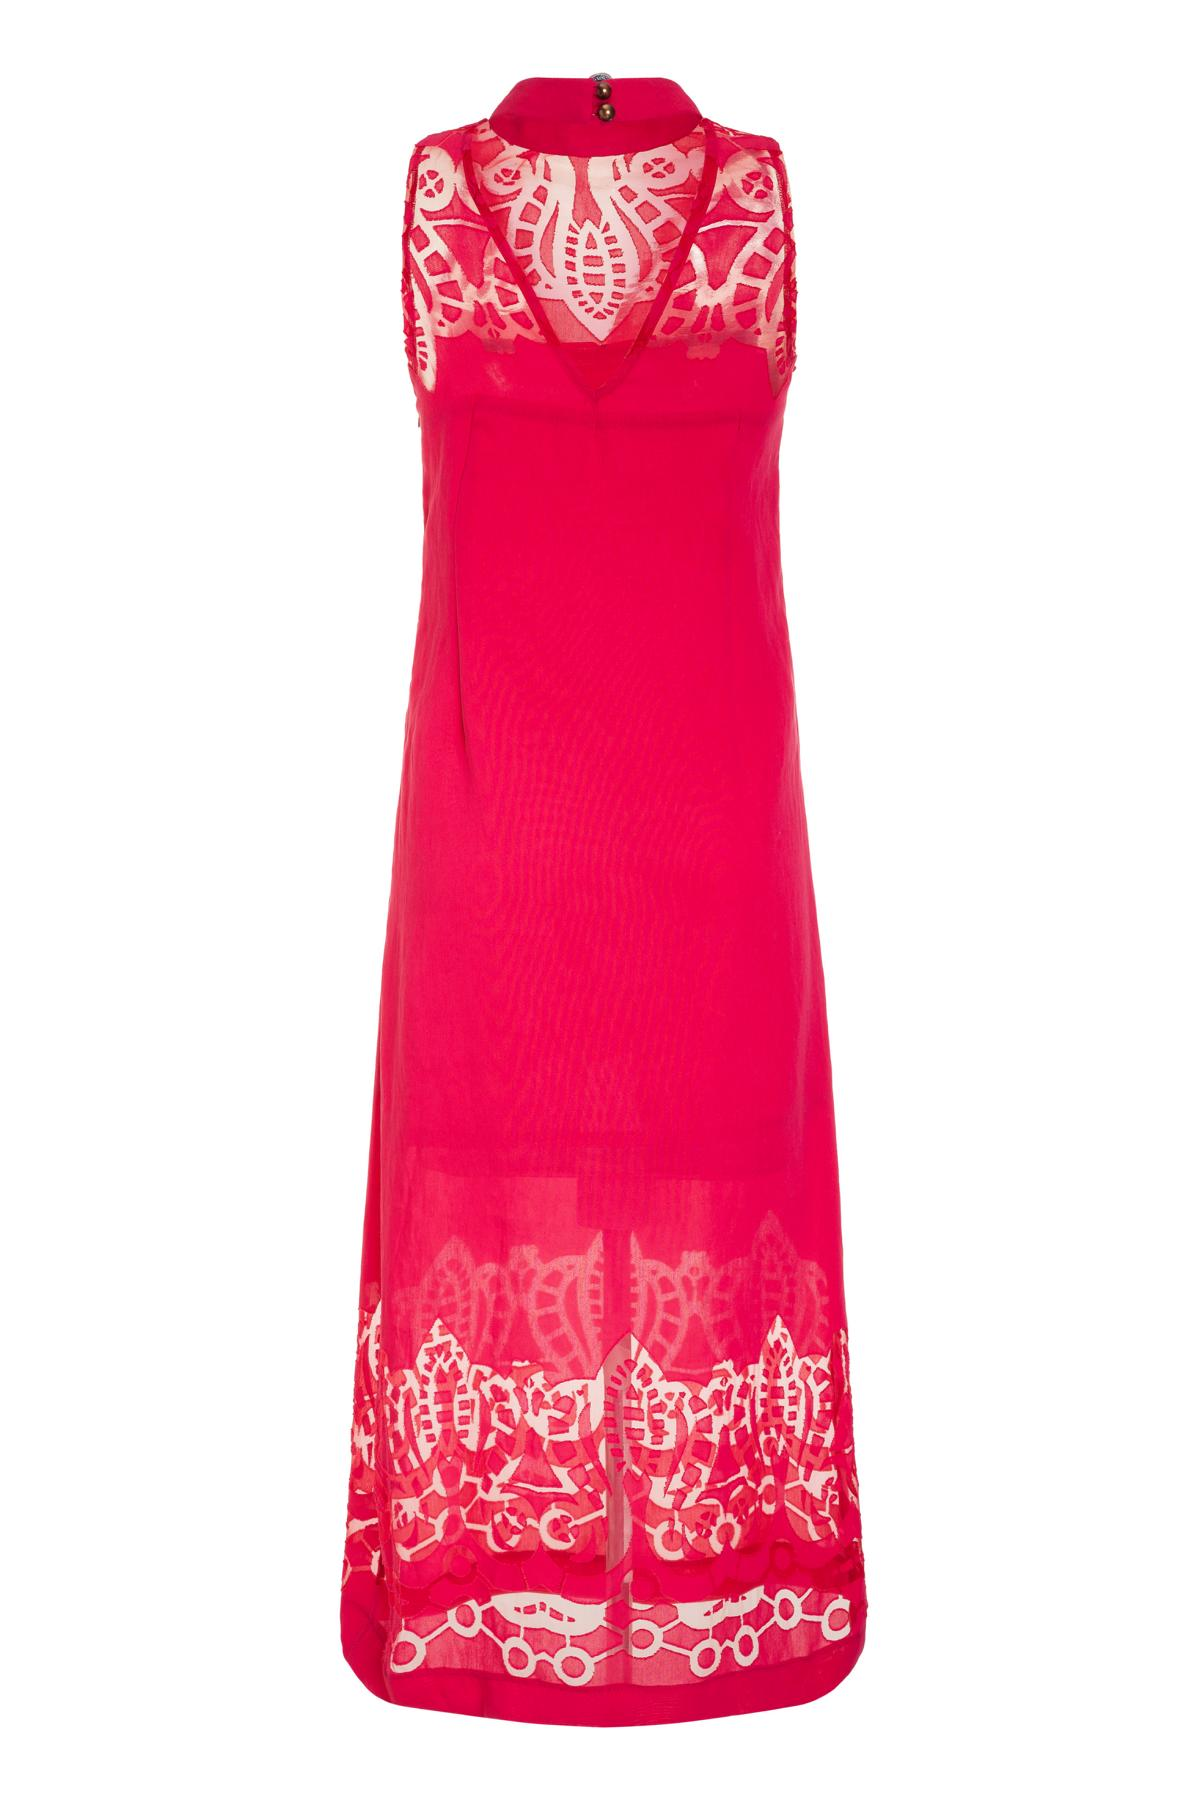 Rückansicht von Ana Alcazar Midi Kleid Massoles